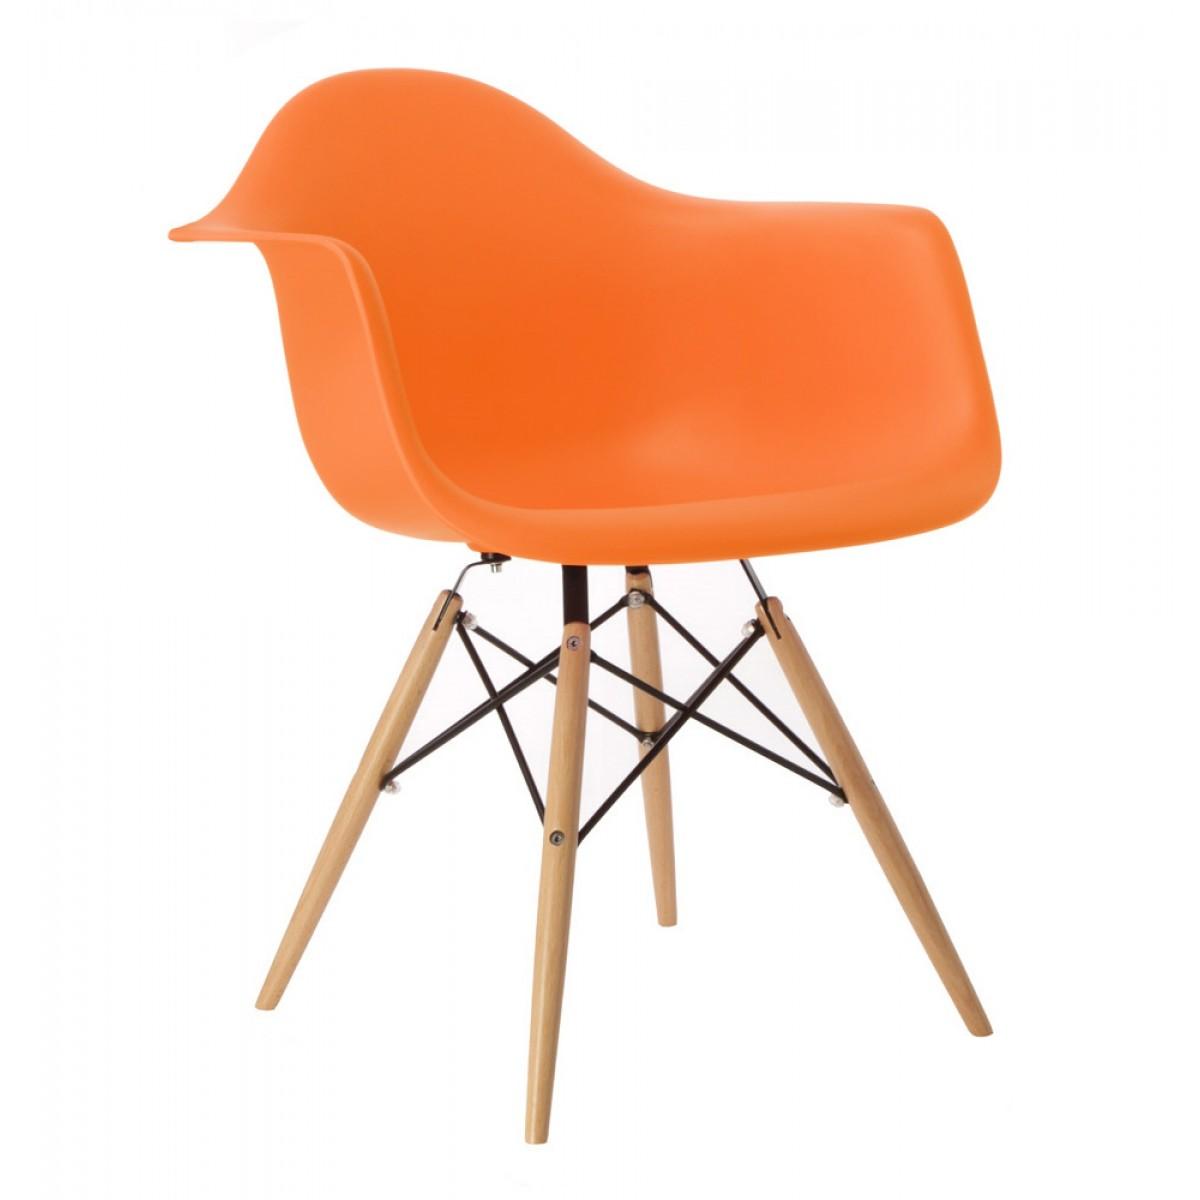 Elegant DAW Molded Orange Plastic Dining Armchair With Wood Eiffel Legs